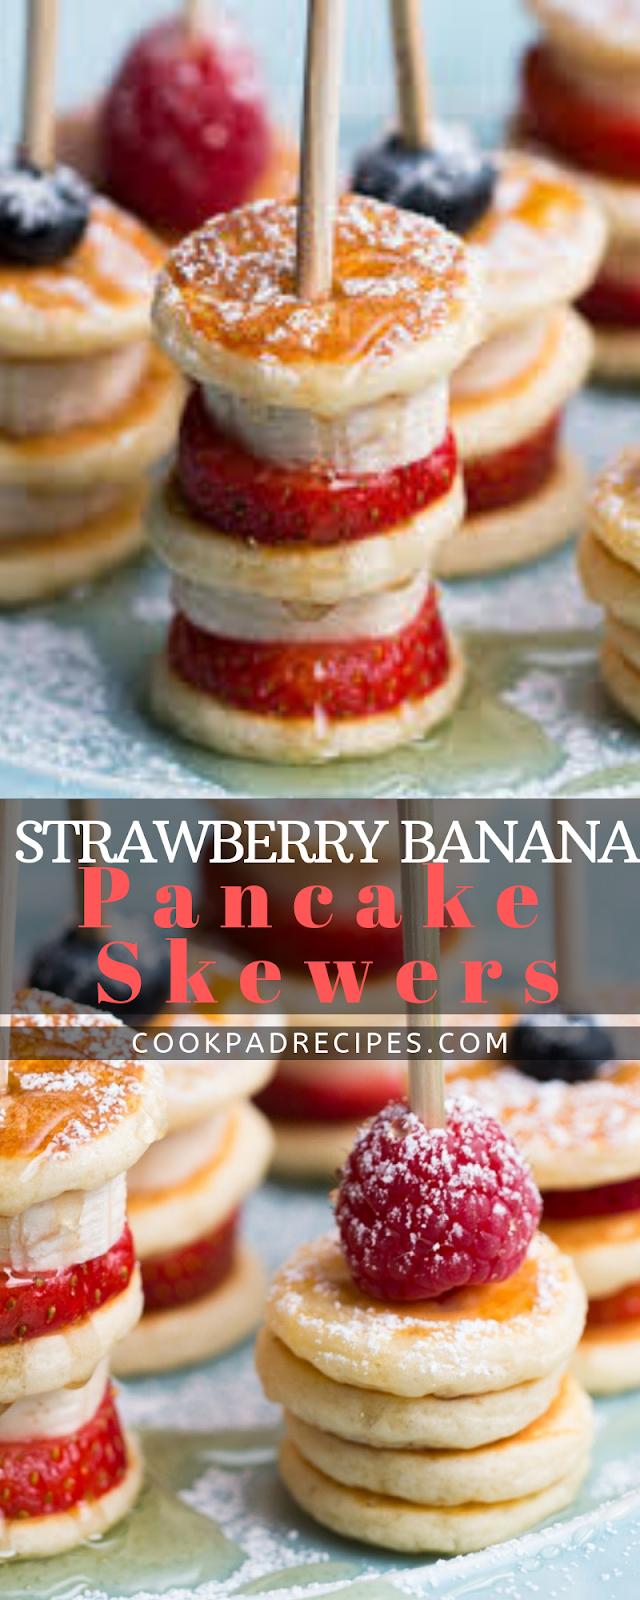 Strawberry Banana Pancake Skewers